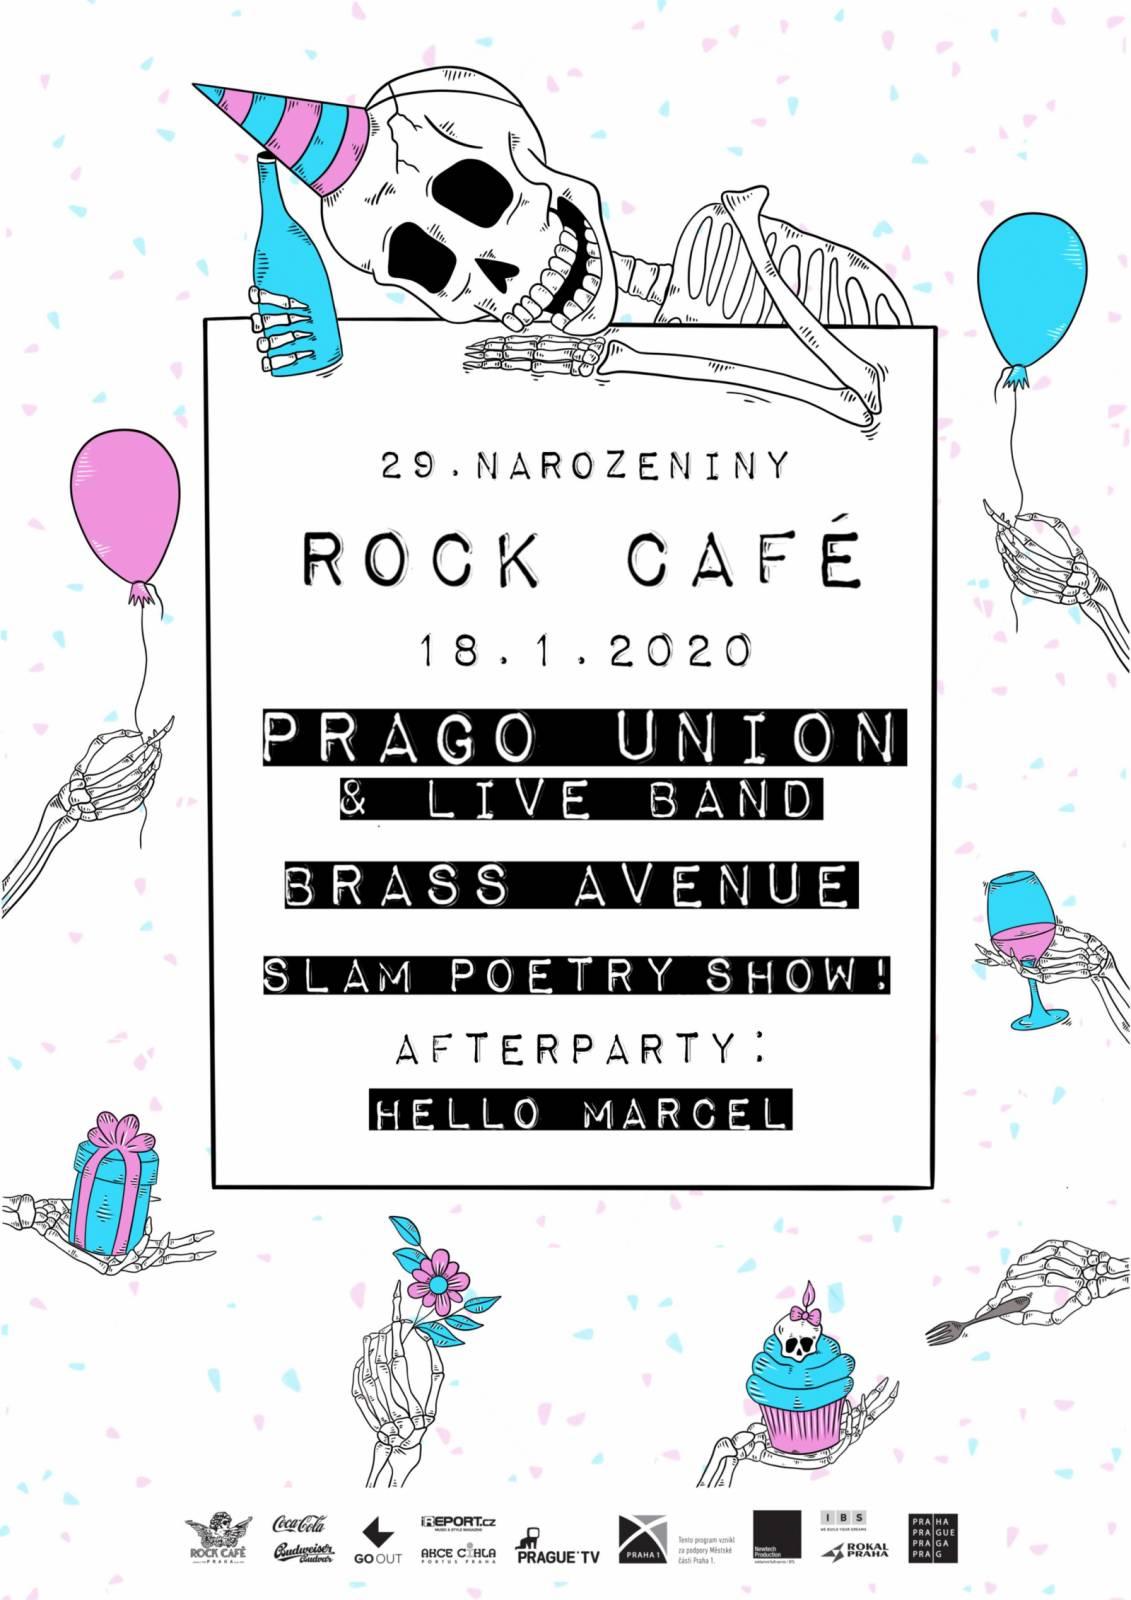 Rock Café oslaví své 29. narozeniny společně s Prago Union